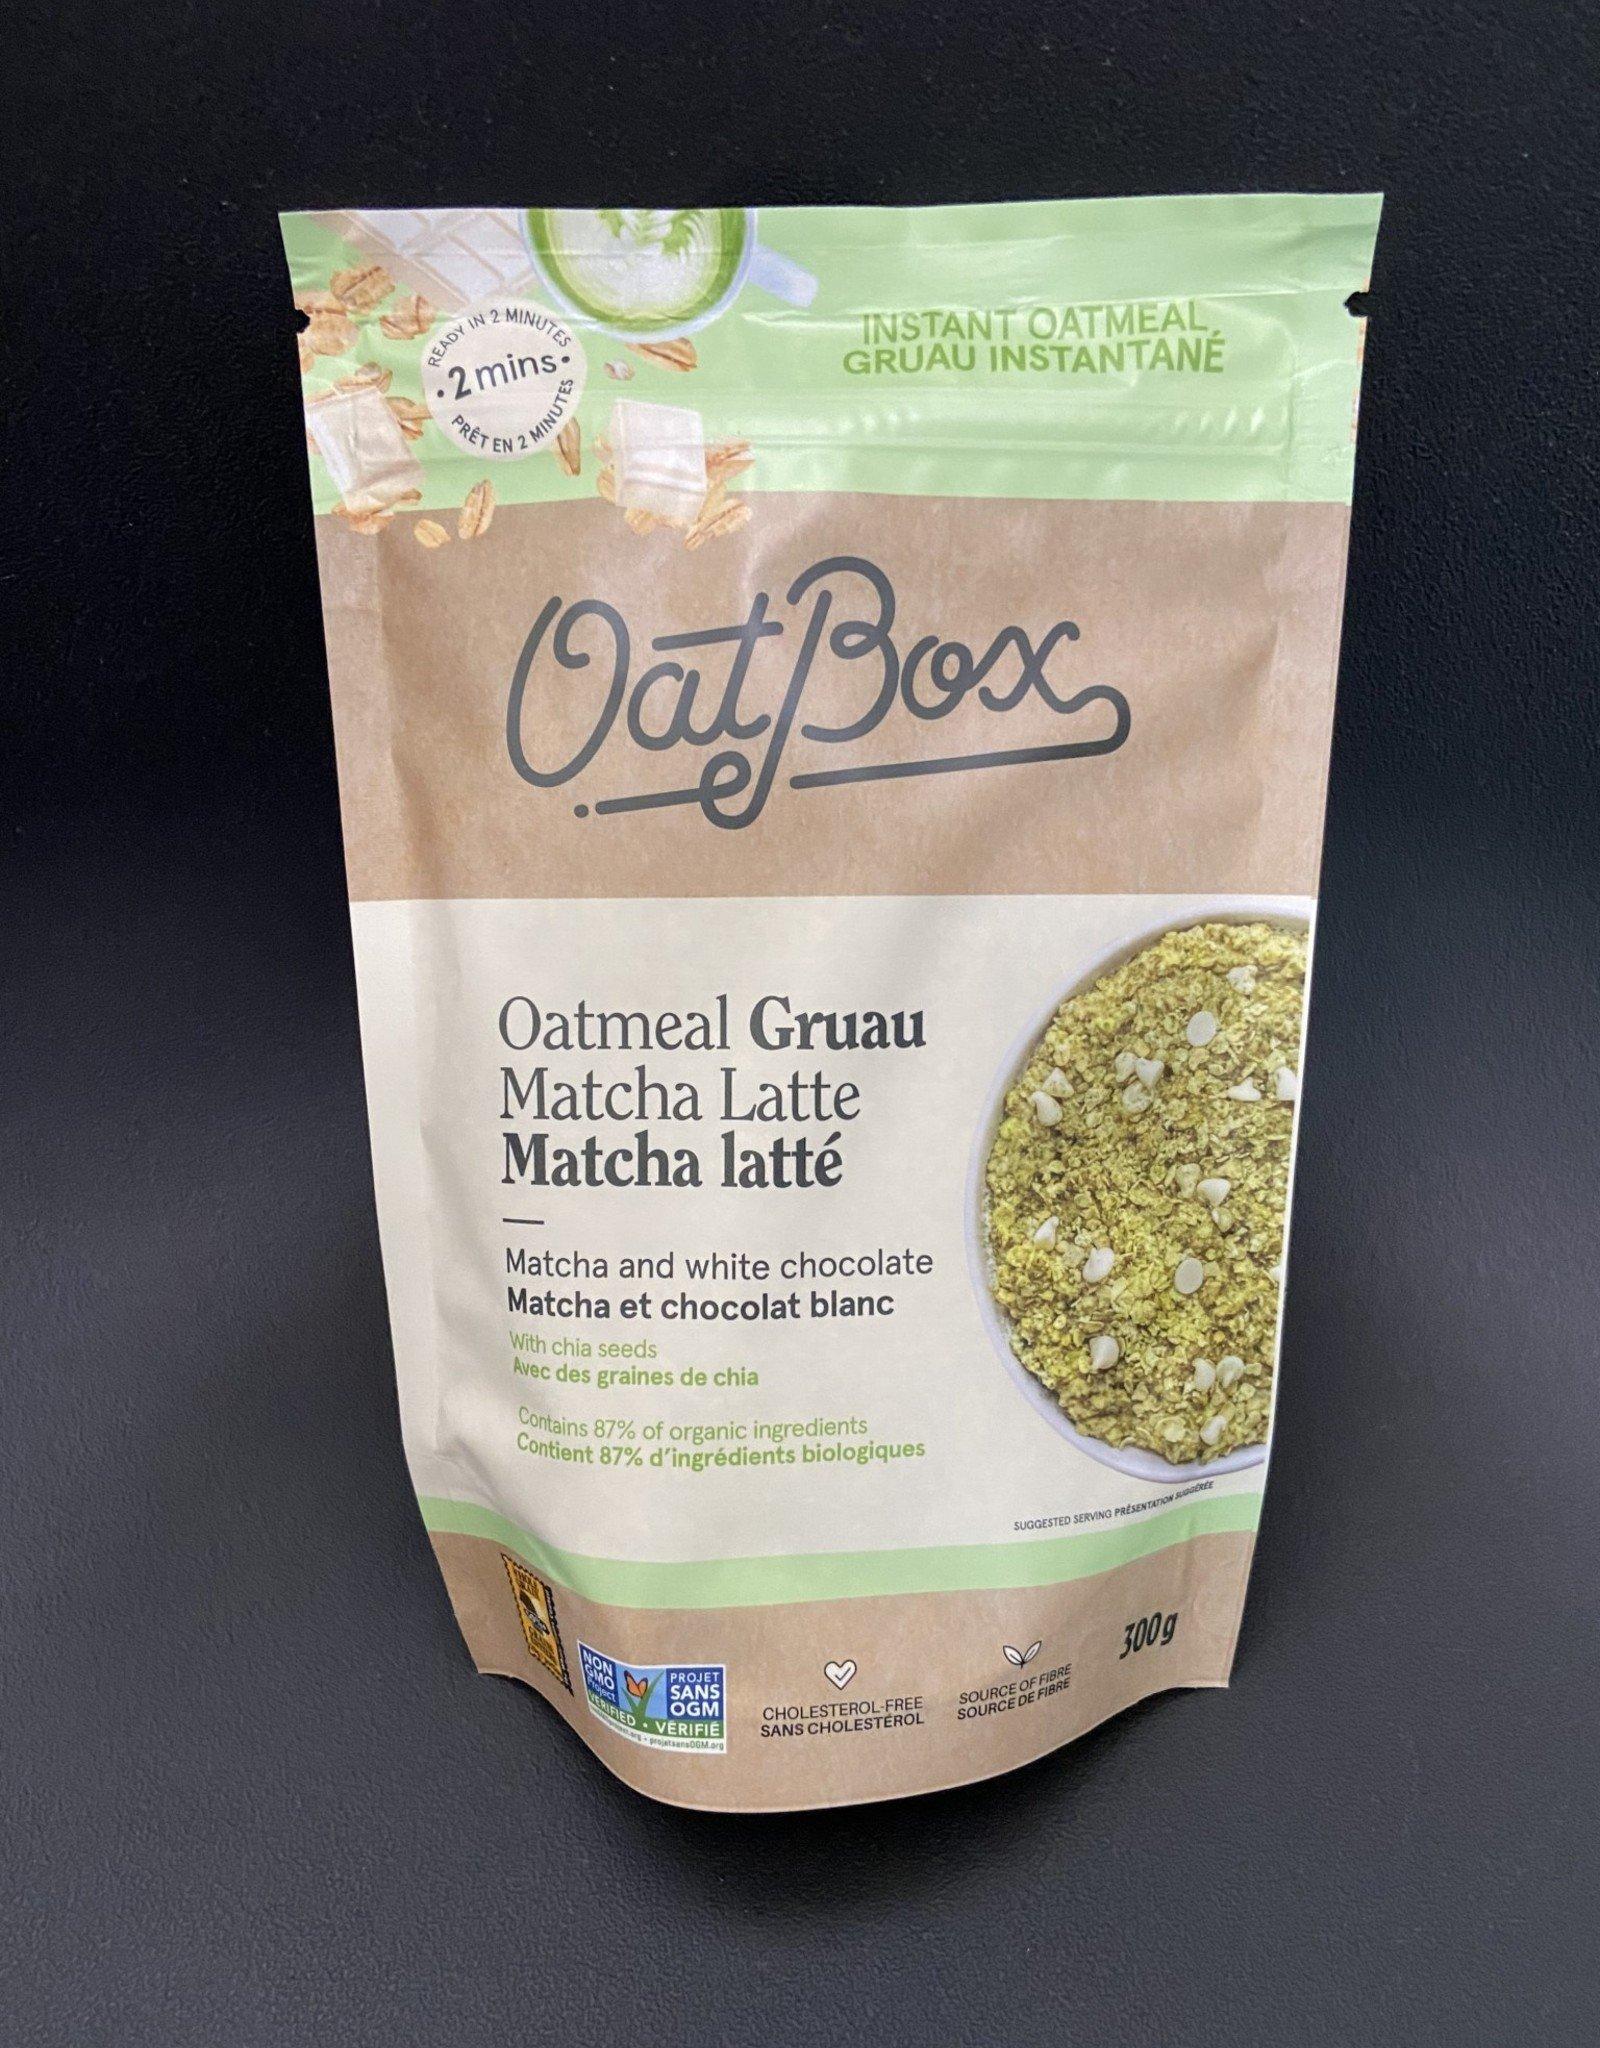 OatBox OatBox-Overnight Gruau, Matcha Latte-300g